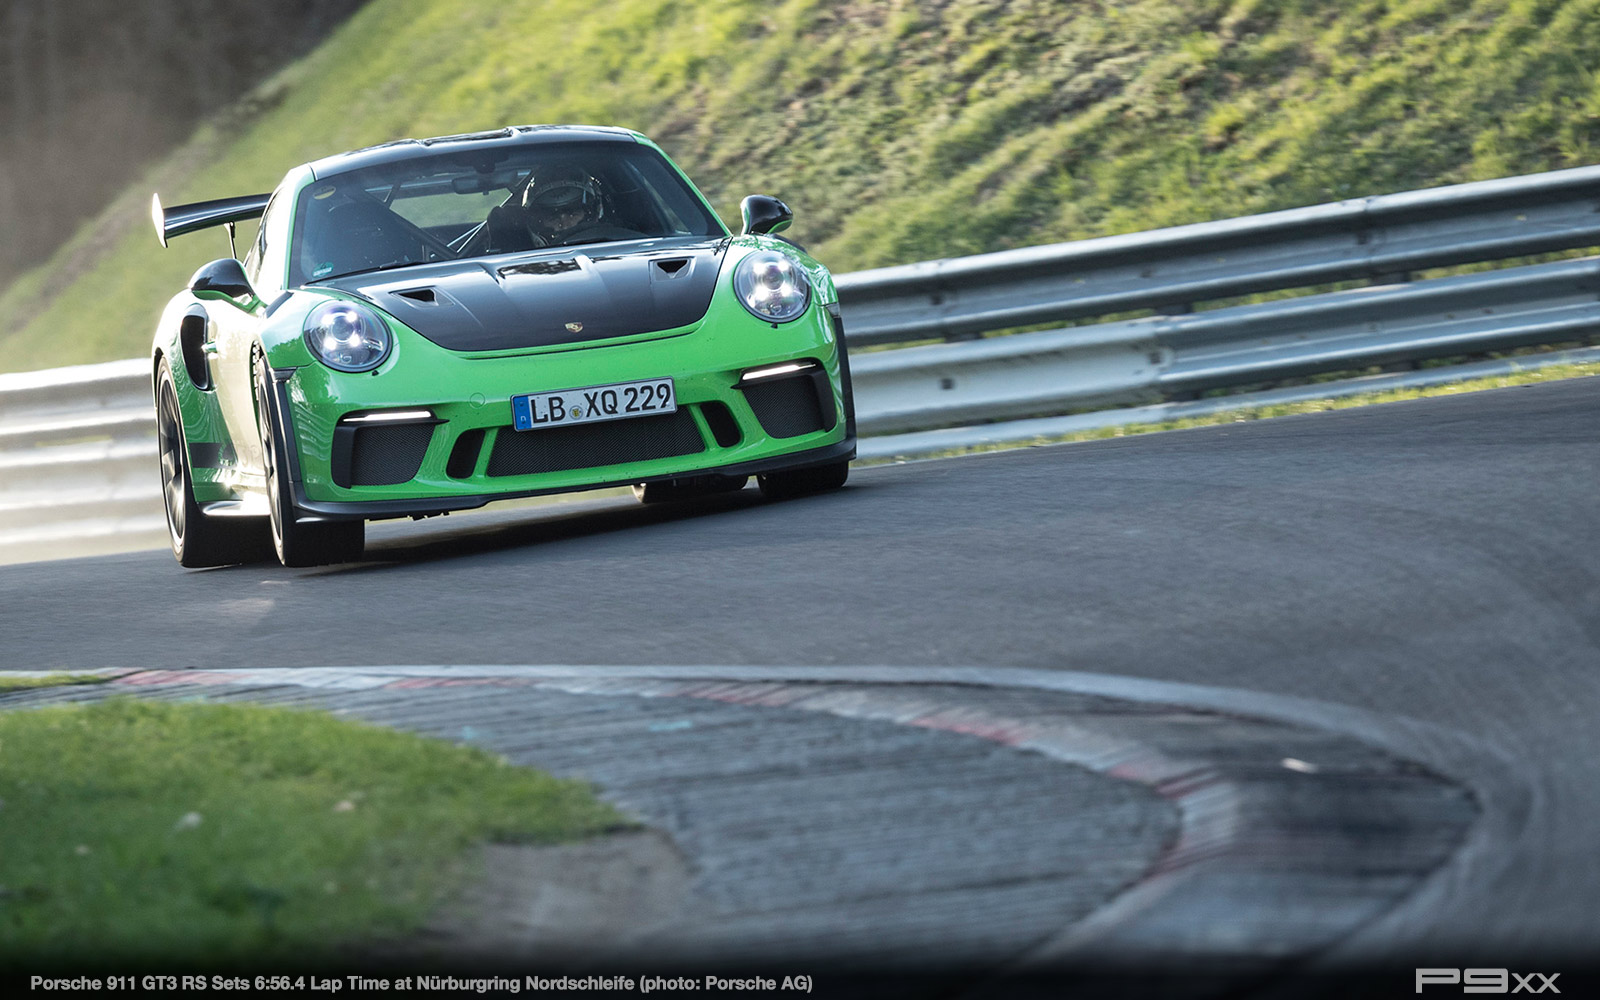 Porsche-911-9912-GT3-RS-Sets-Nurburgring-Lap-Time-287